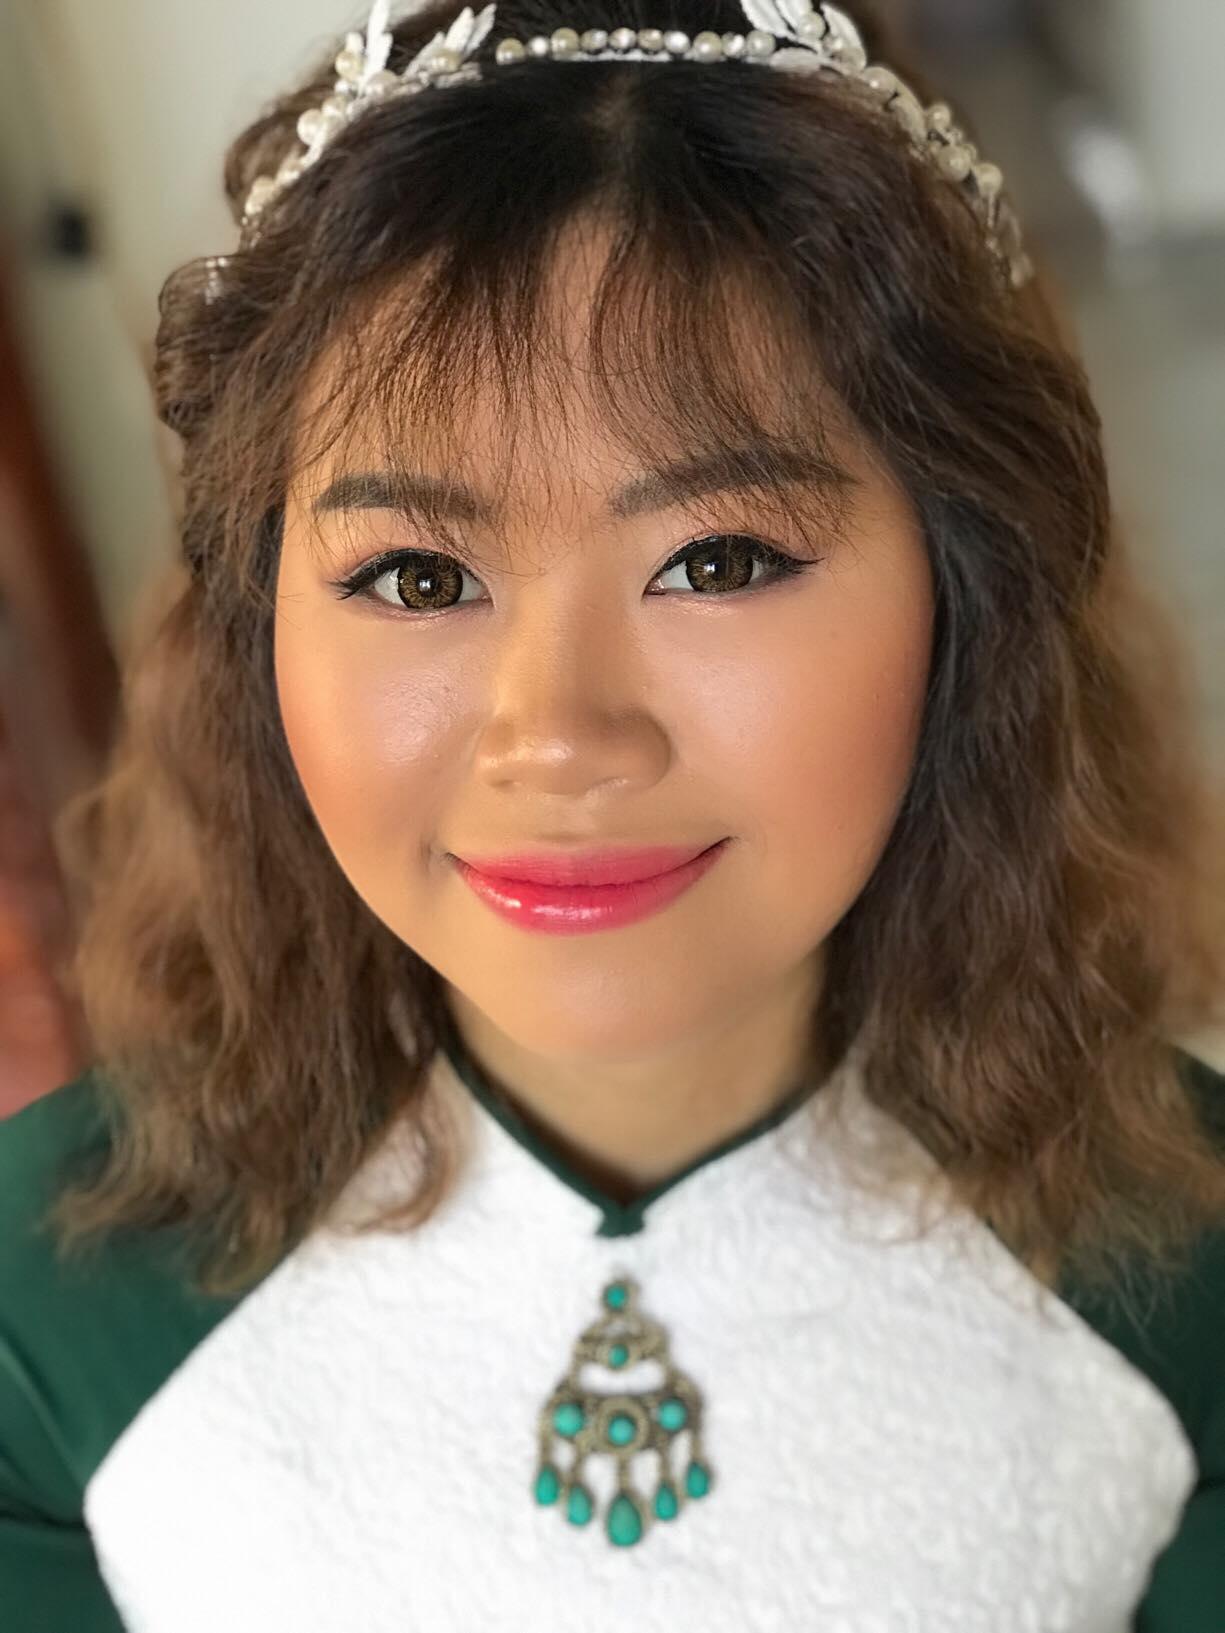 Top 5 tiệm trang điểm cô dâu đẹp nhất tại Hội An -  Hà Trần Make Up